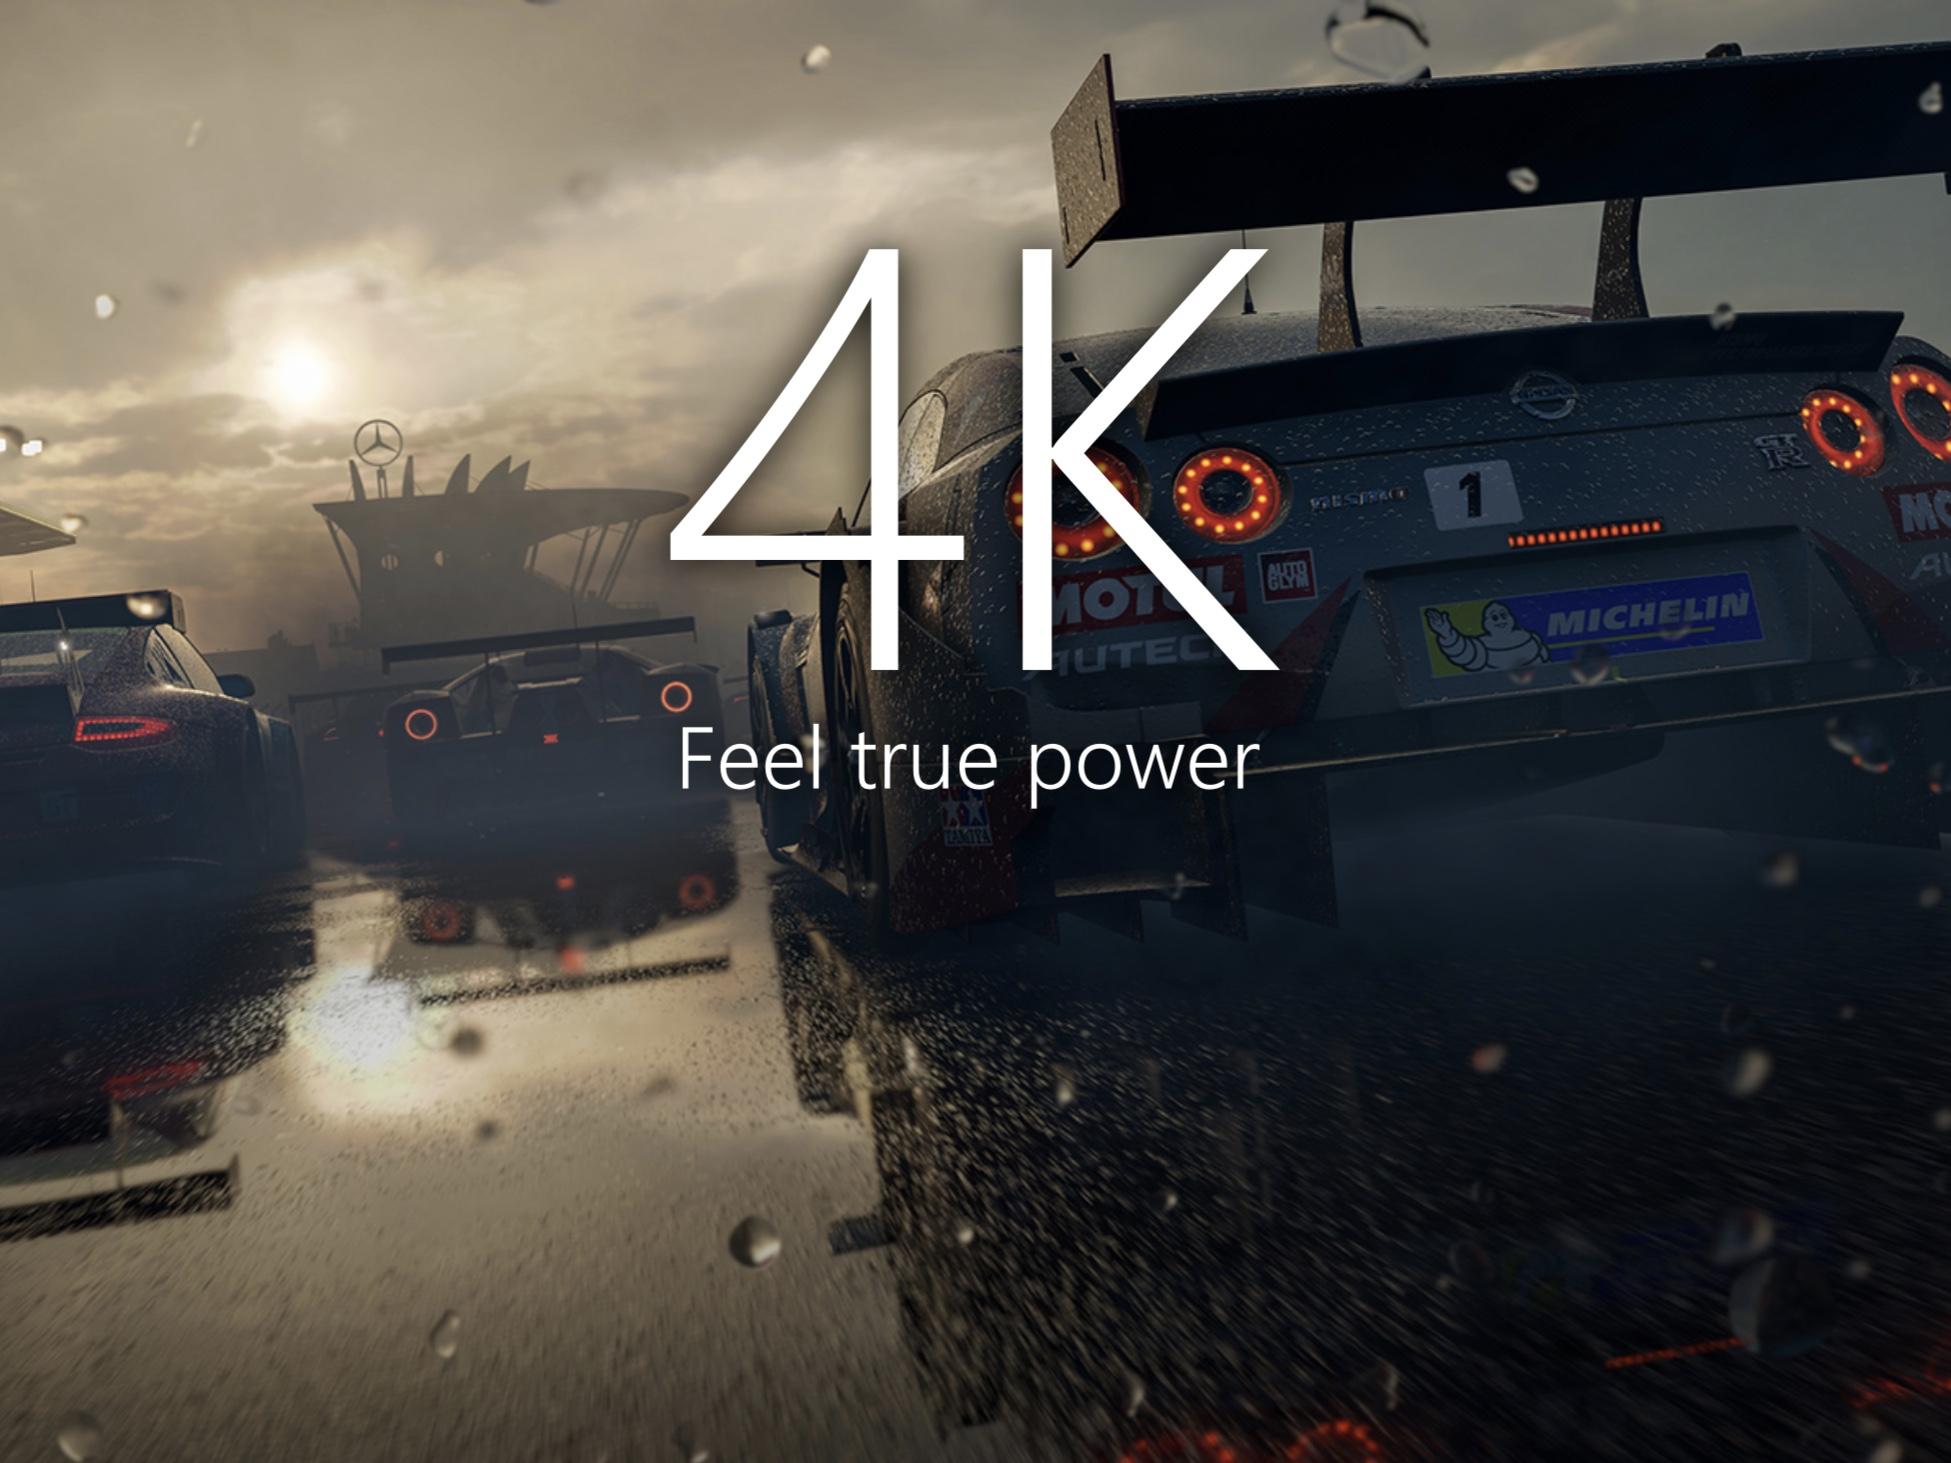 Vil Xbox One X klare å selge bedre enn Playstation 4 Pro, eller bryr ikke kundene seg om, eller klarer de ikke se forskjell, på ekte og falsk 4K? Innholdet er det som til syvende og sist vil bestemme en vinner, tror vi.